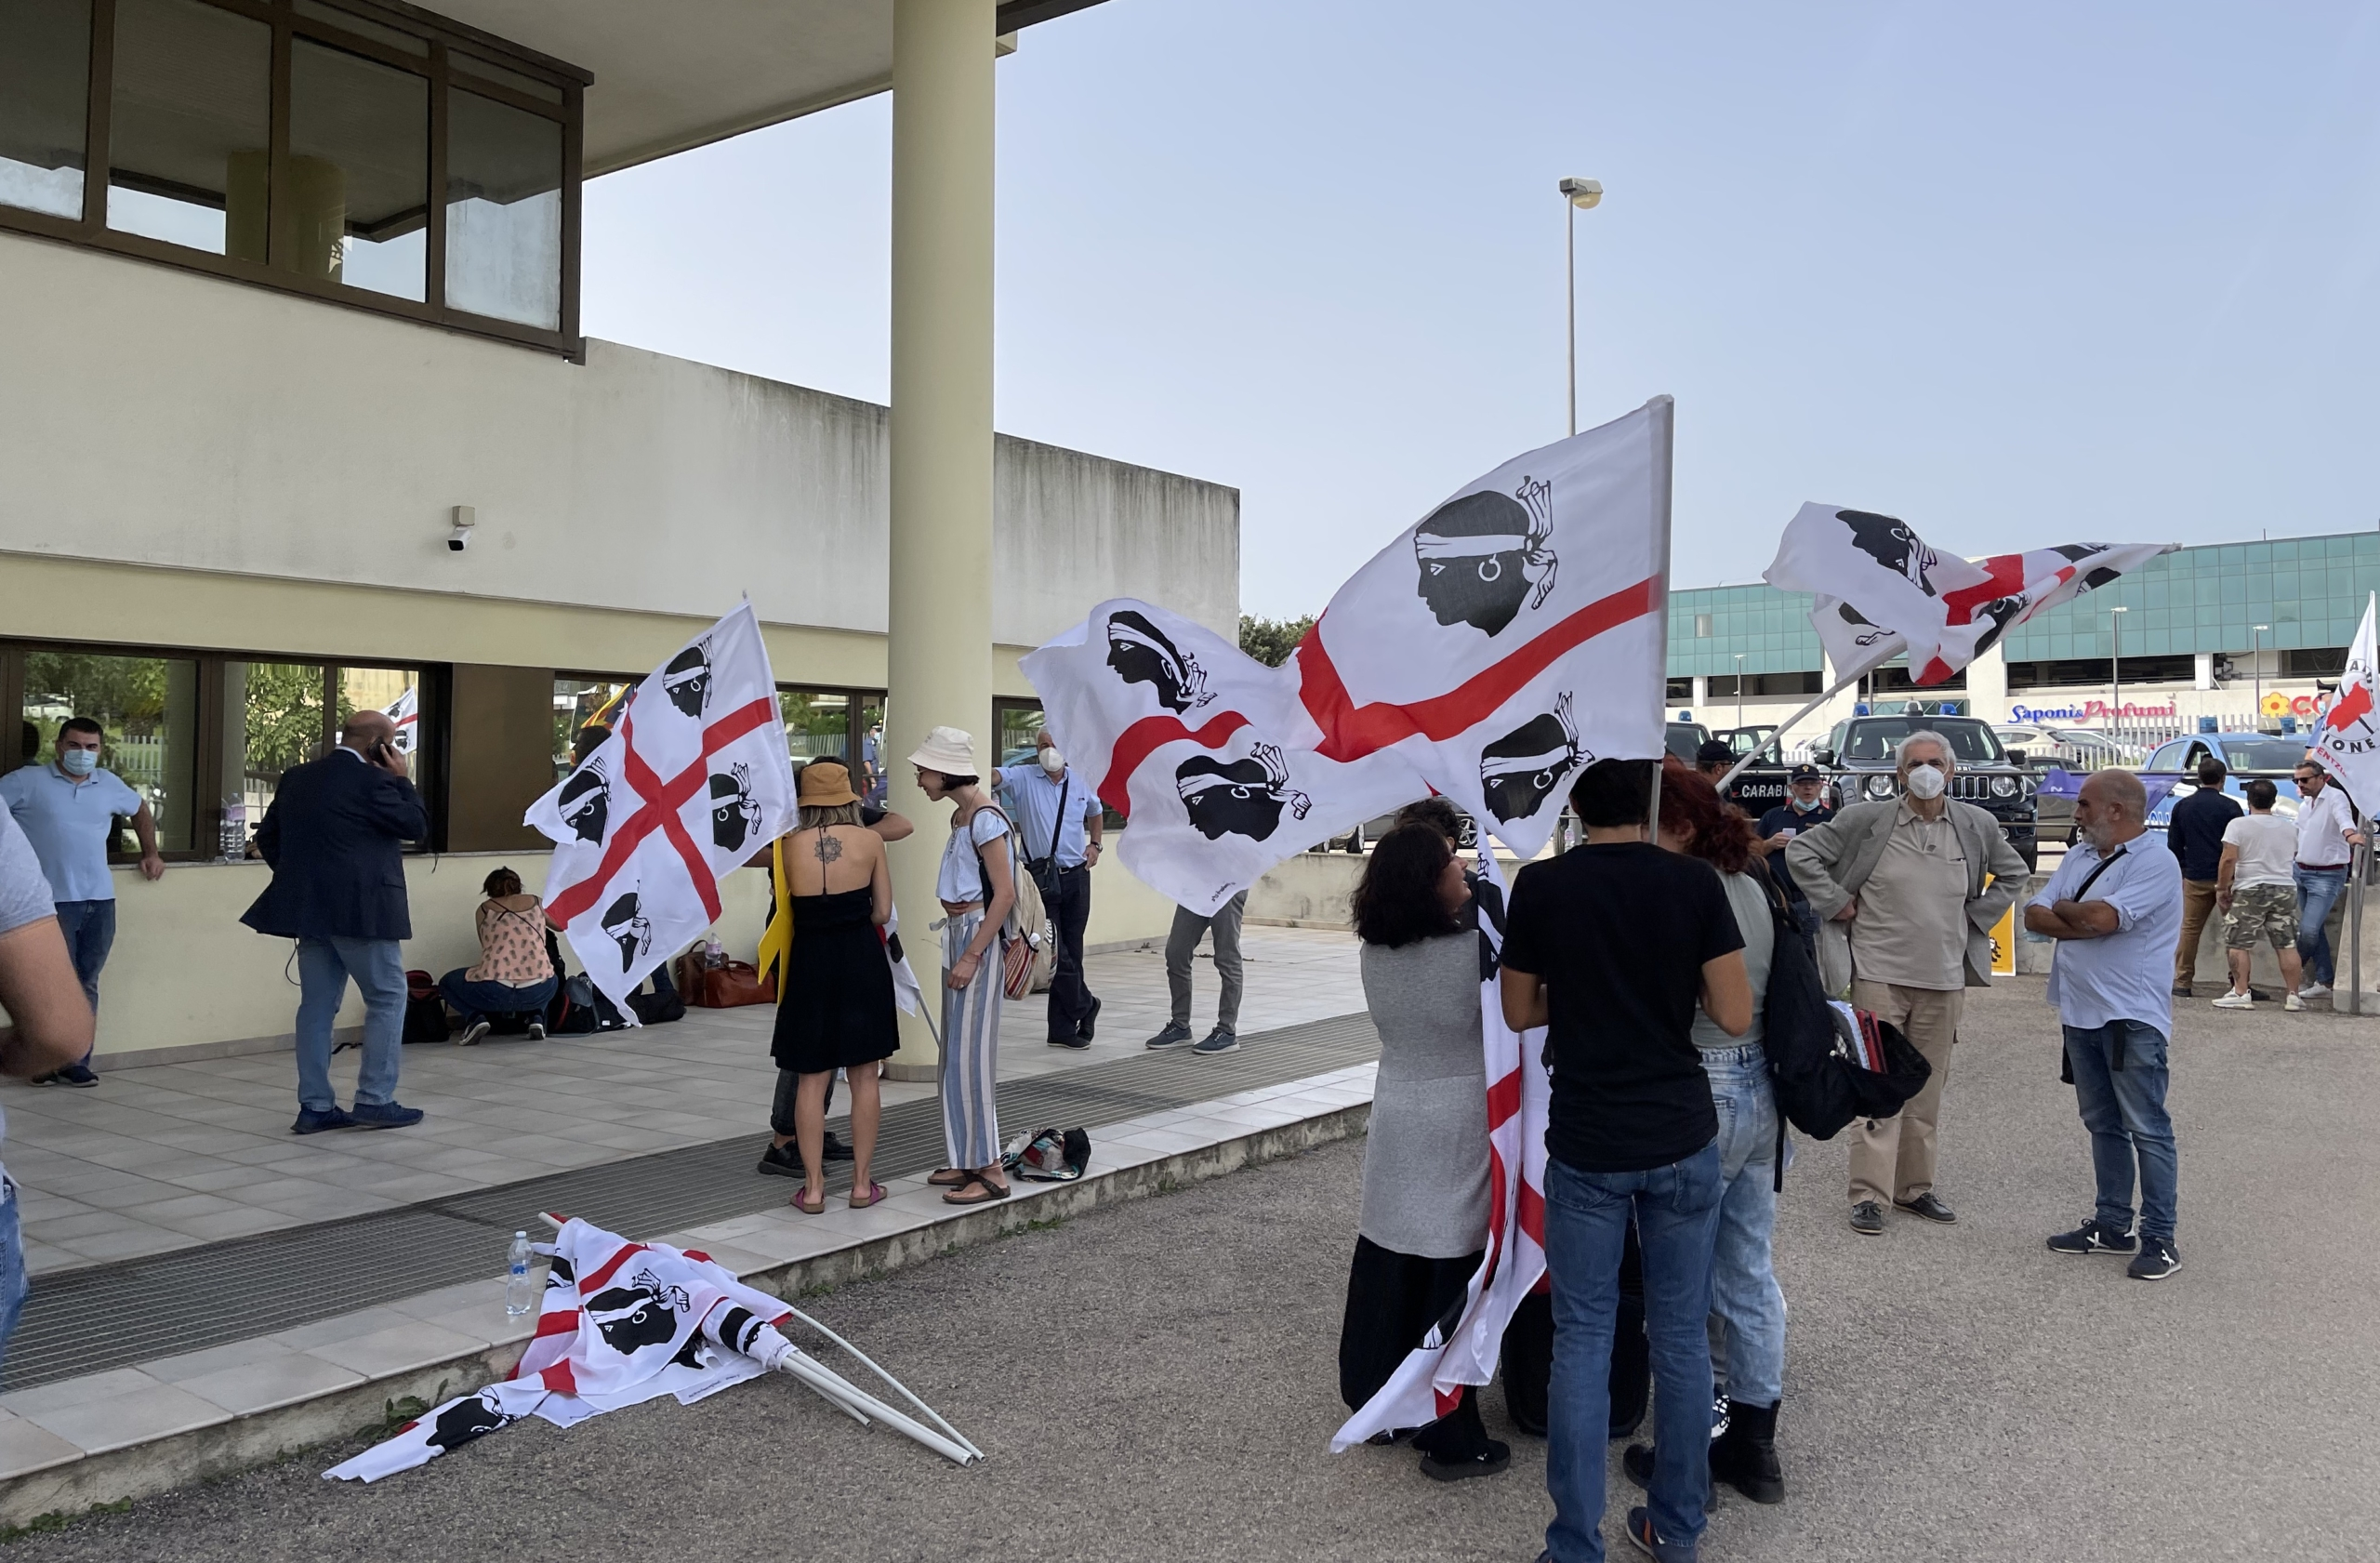 L'entrada del Tribunal d'Apel·lacions de Sardenya amb independentistes sard que reclamaven l'alliberament de Puigdemont/Quico Sallés